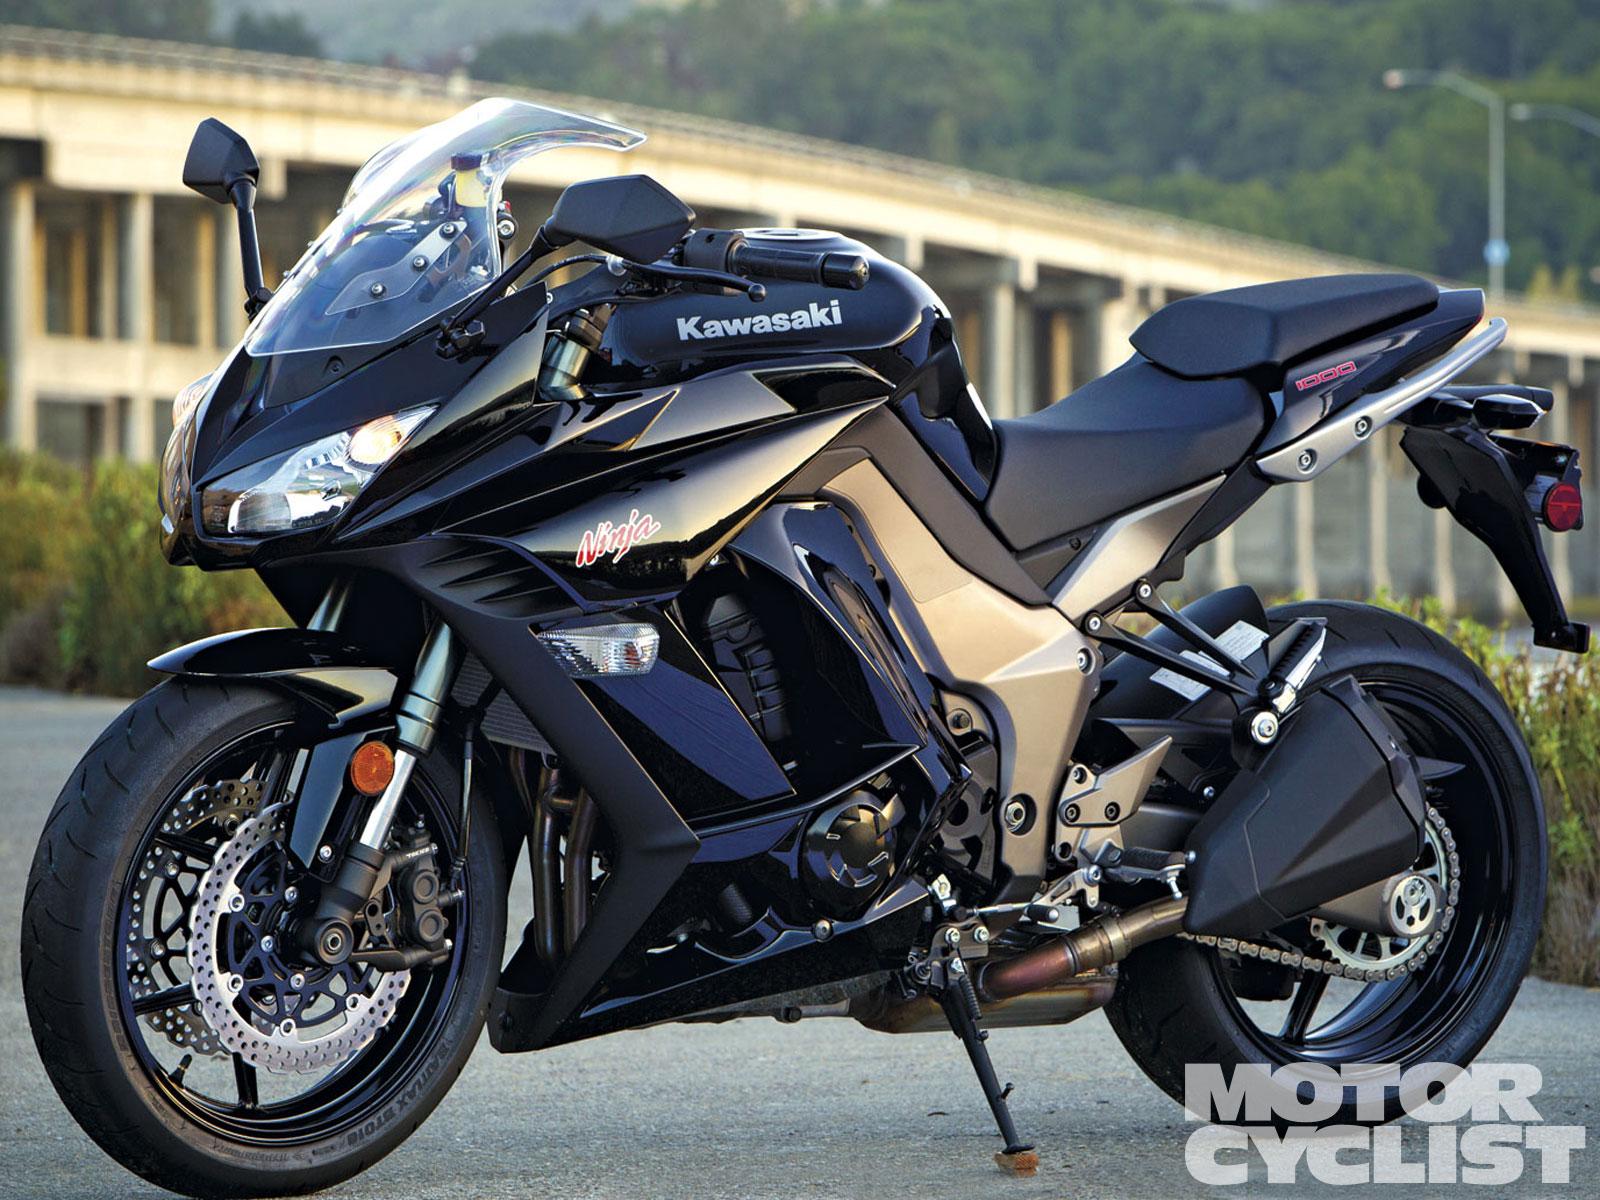 2011 Kawasaki Ninja 1000 Motorcyclist